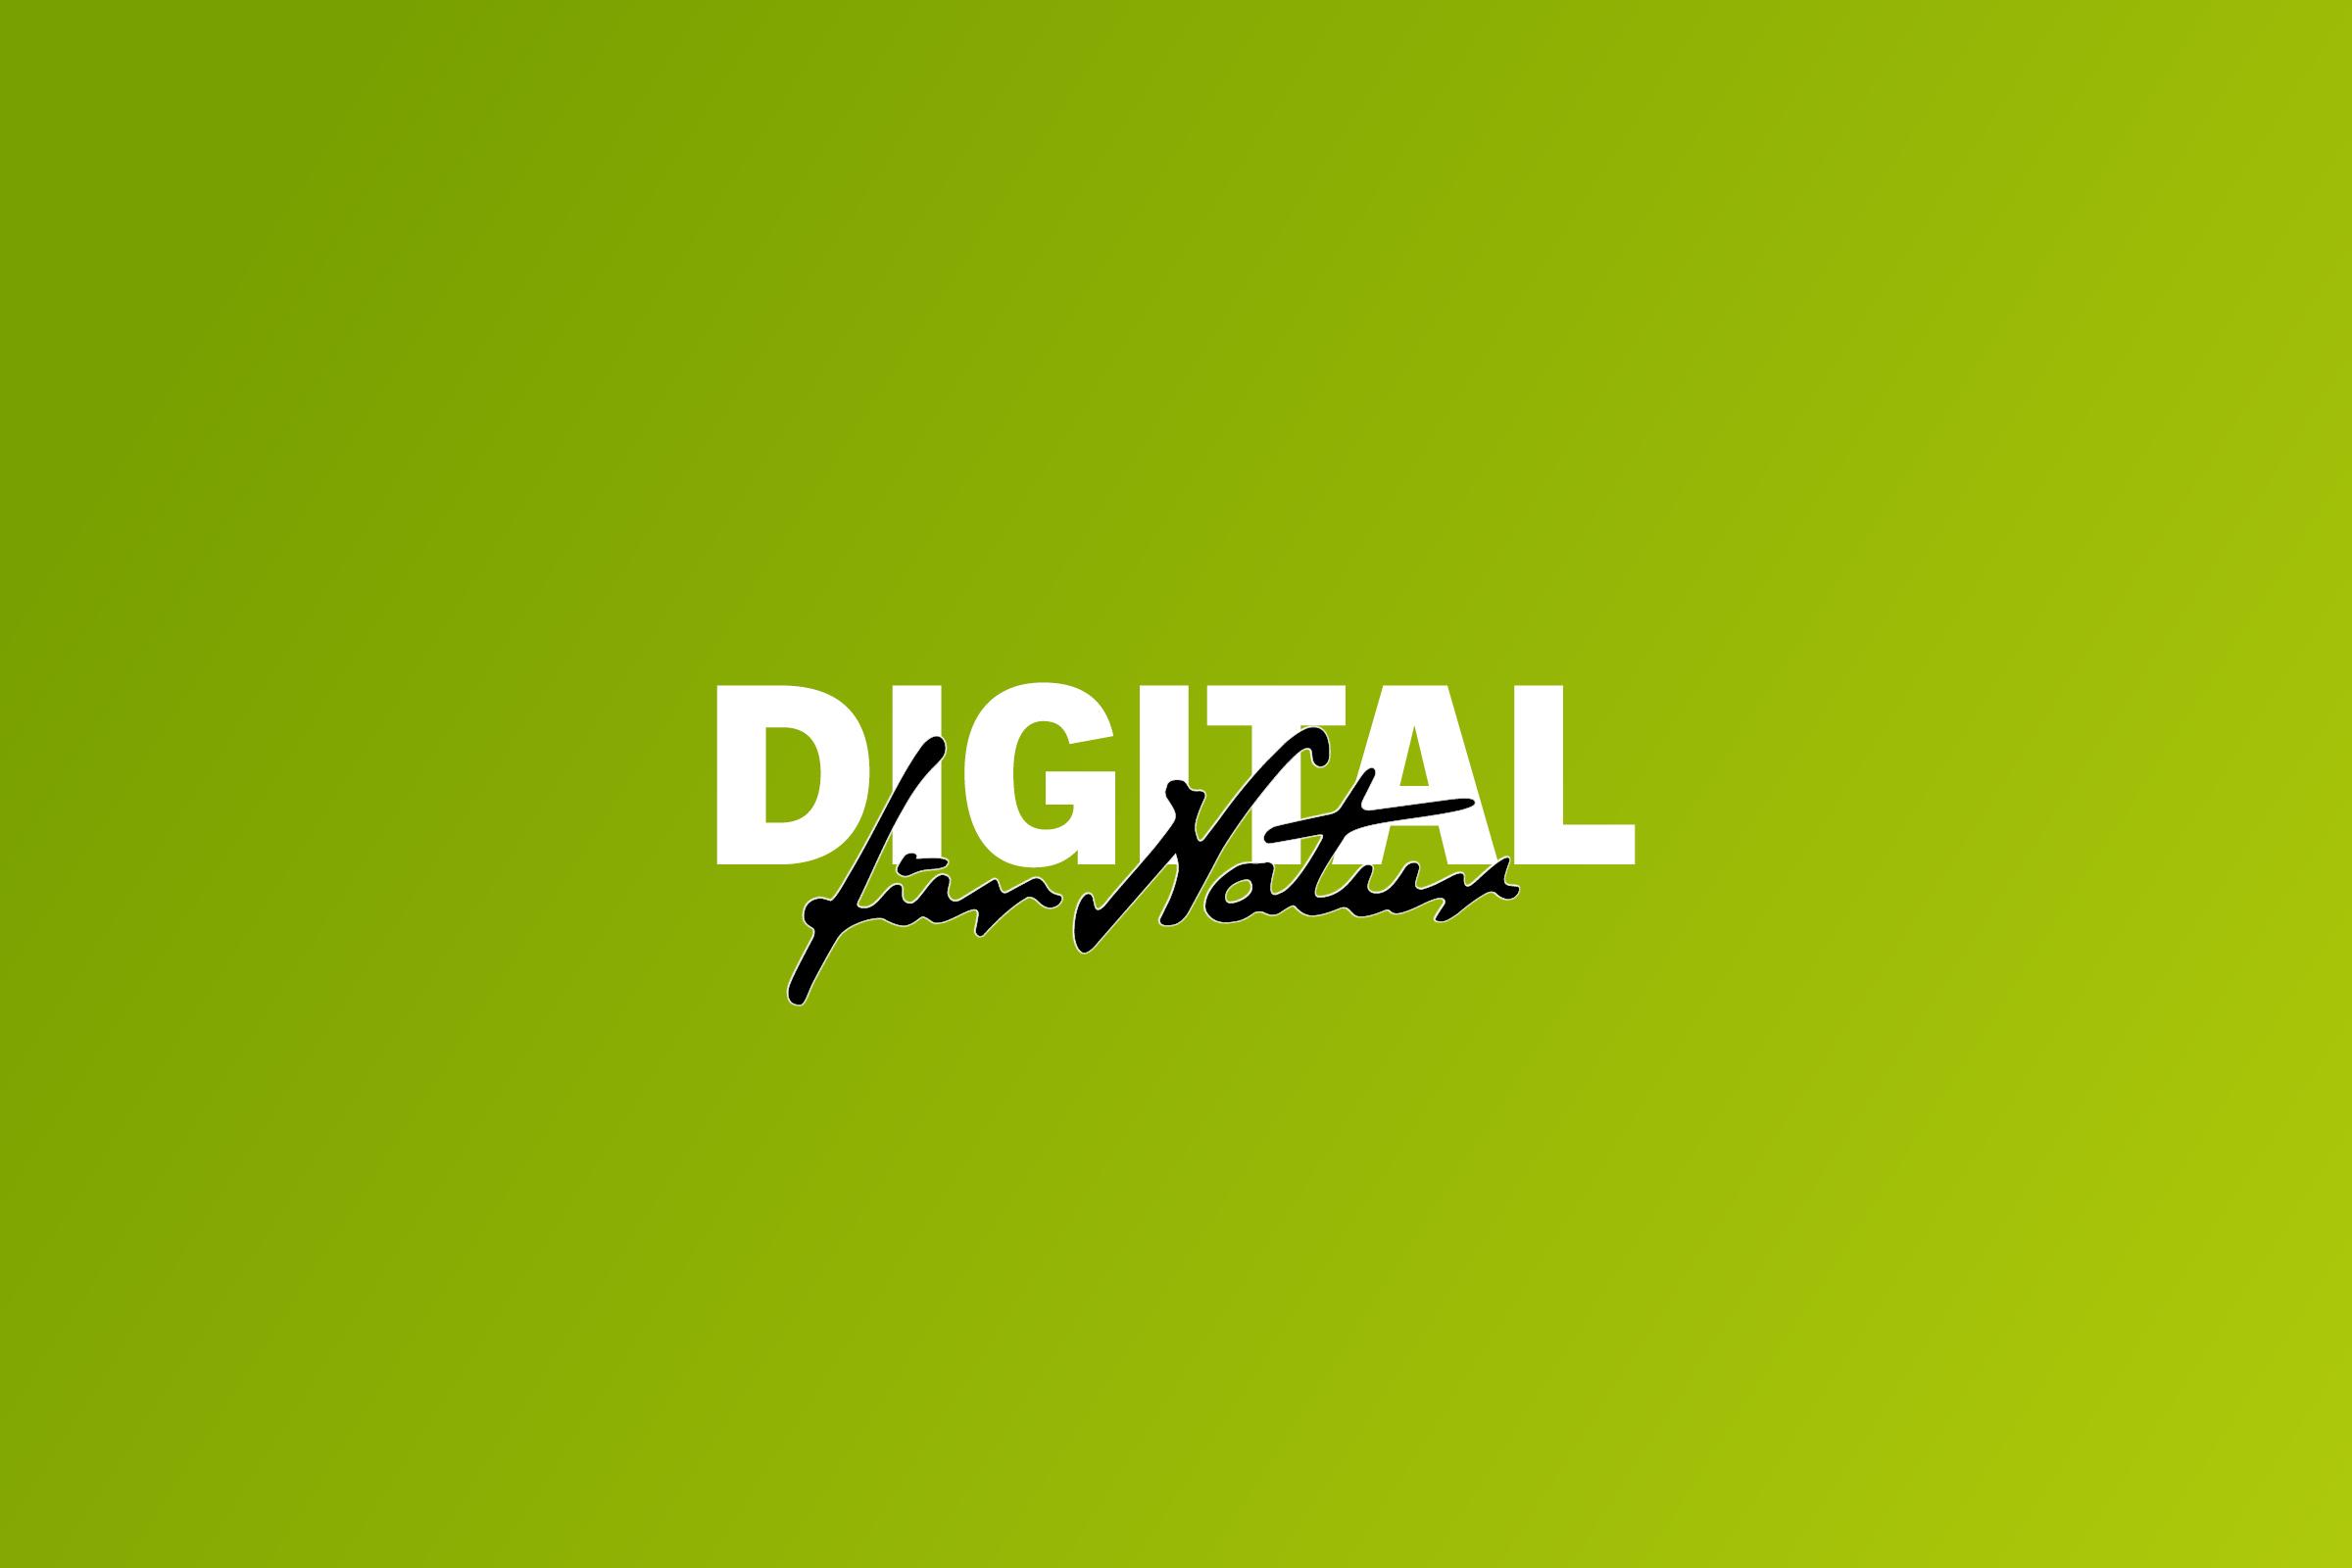 Für Natur Digital